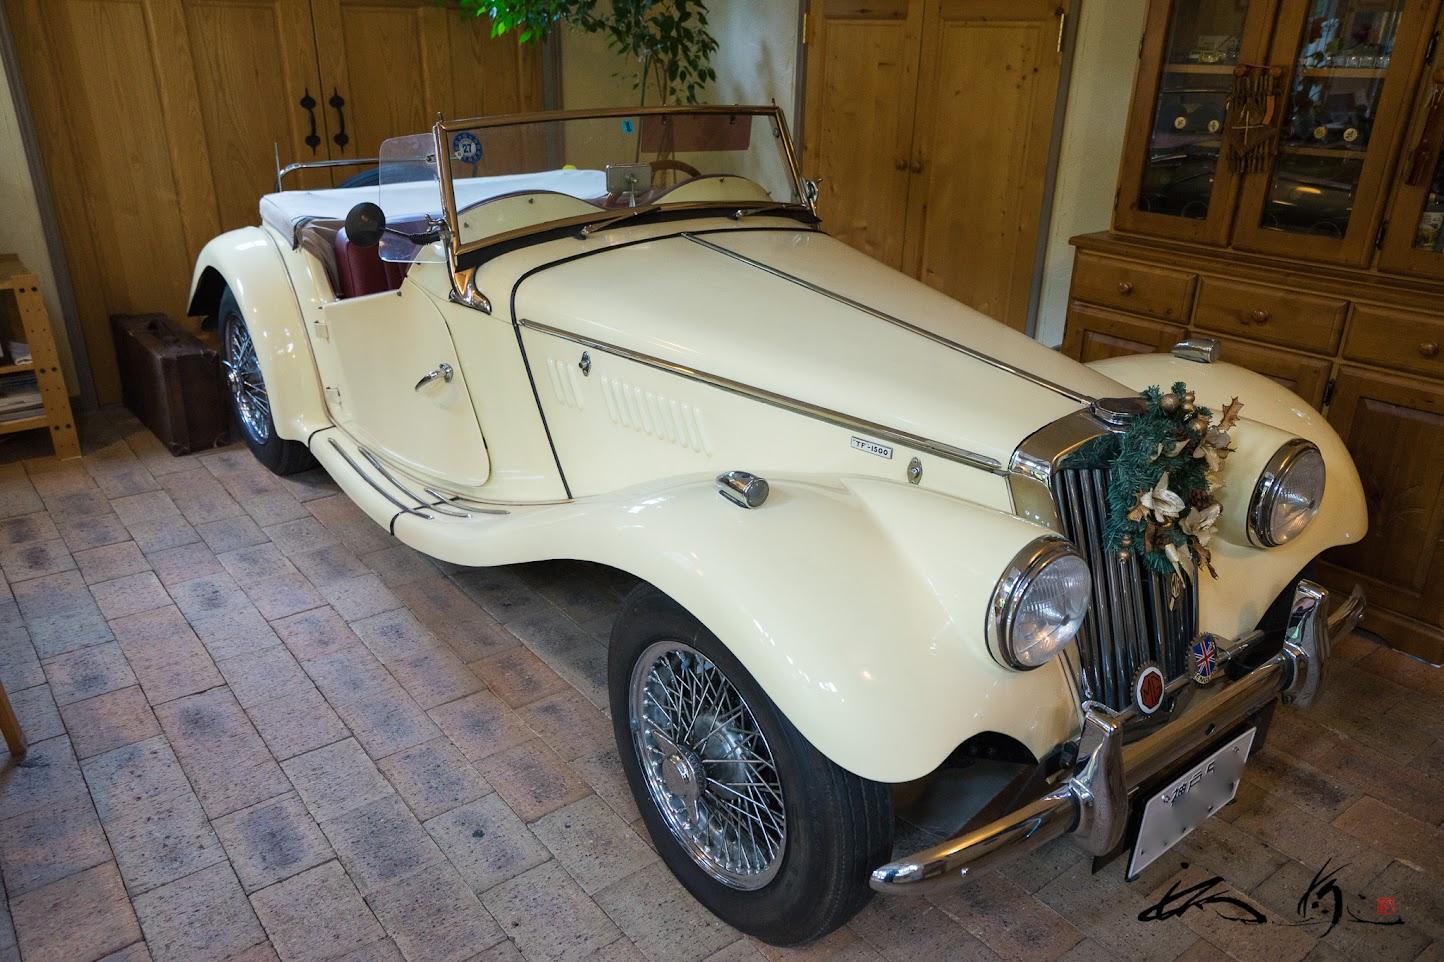 オーナーの愛車・英国車「MG-TF1500」